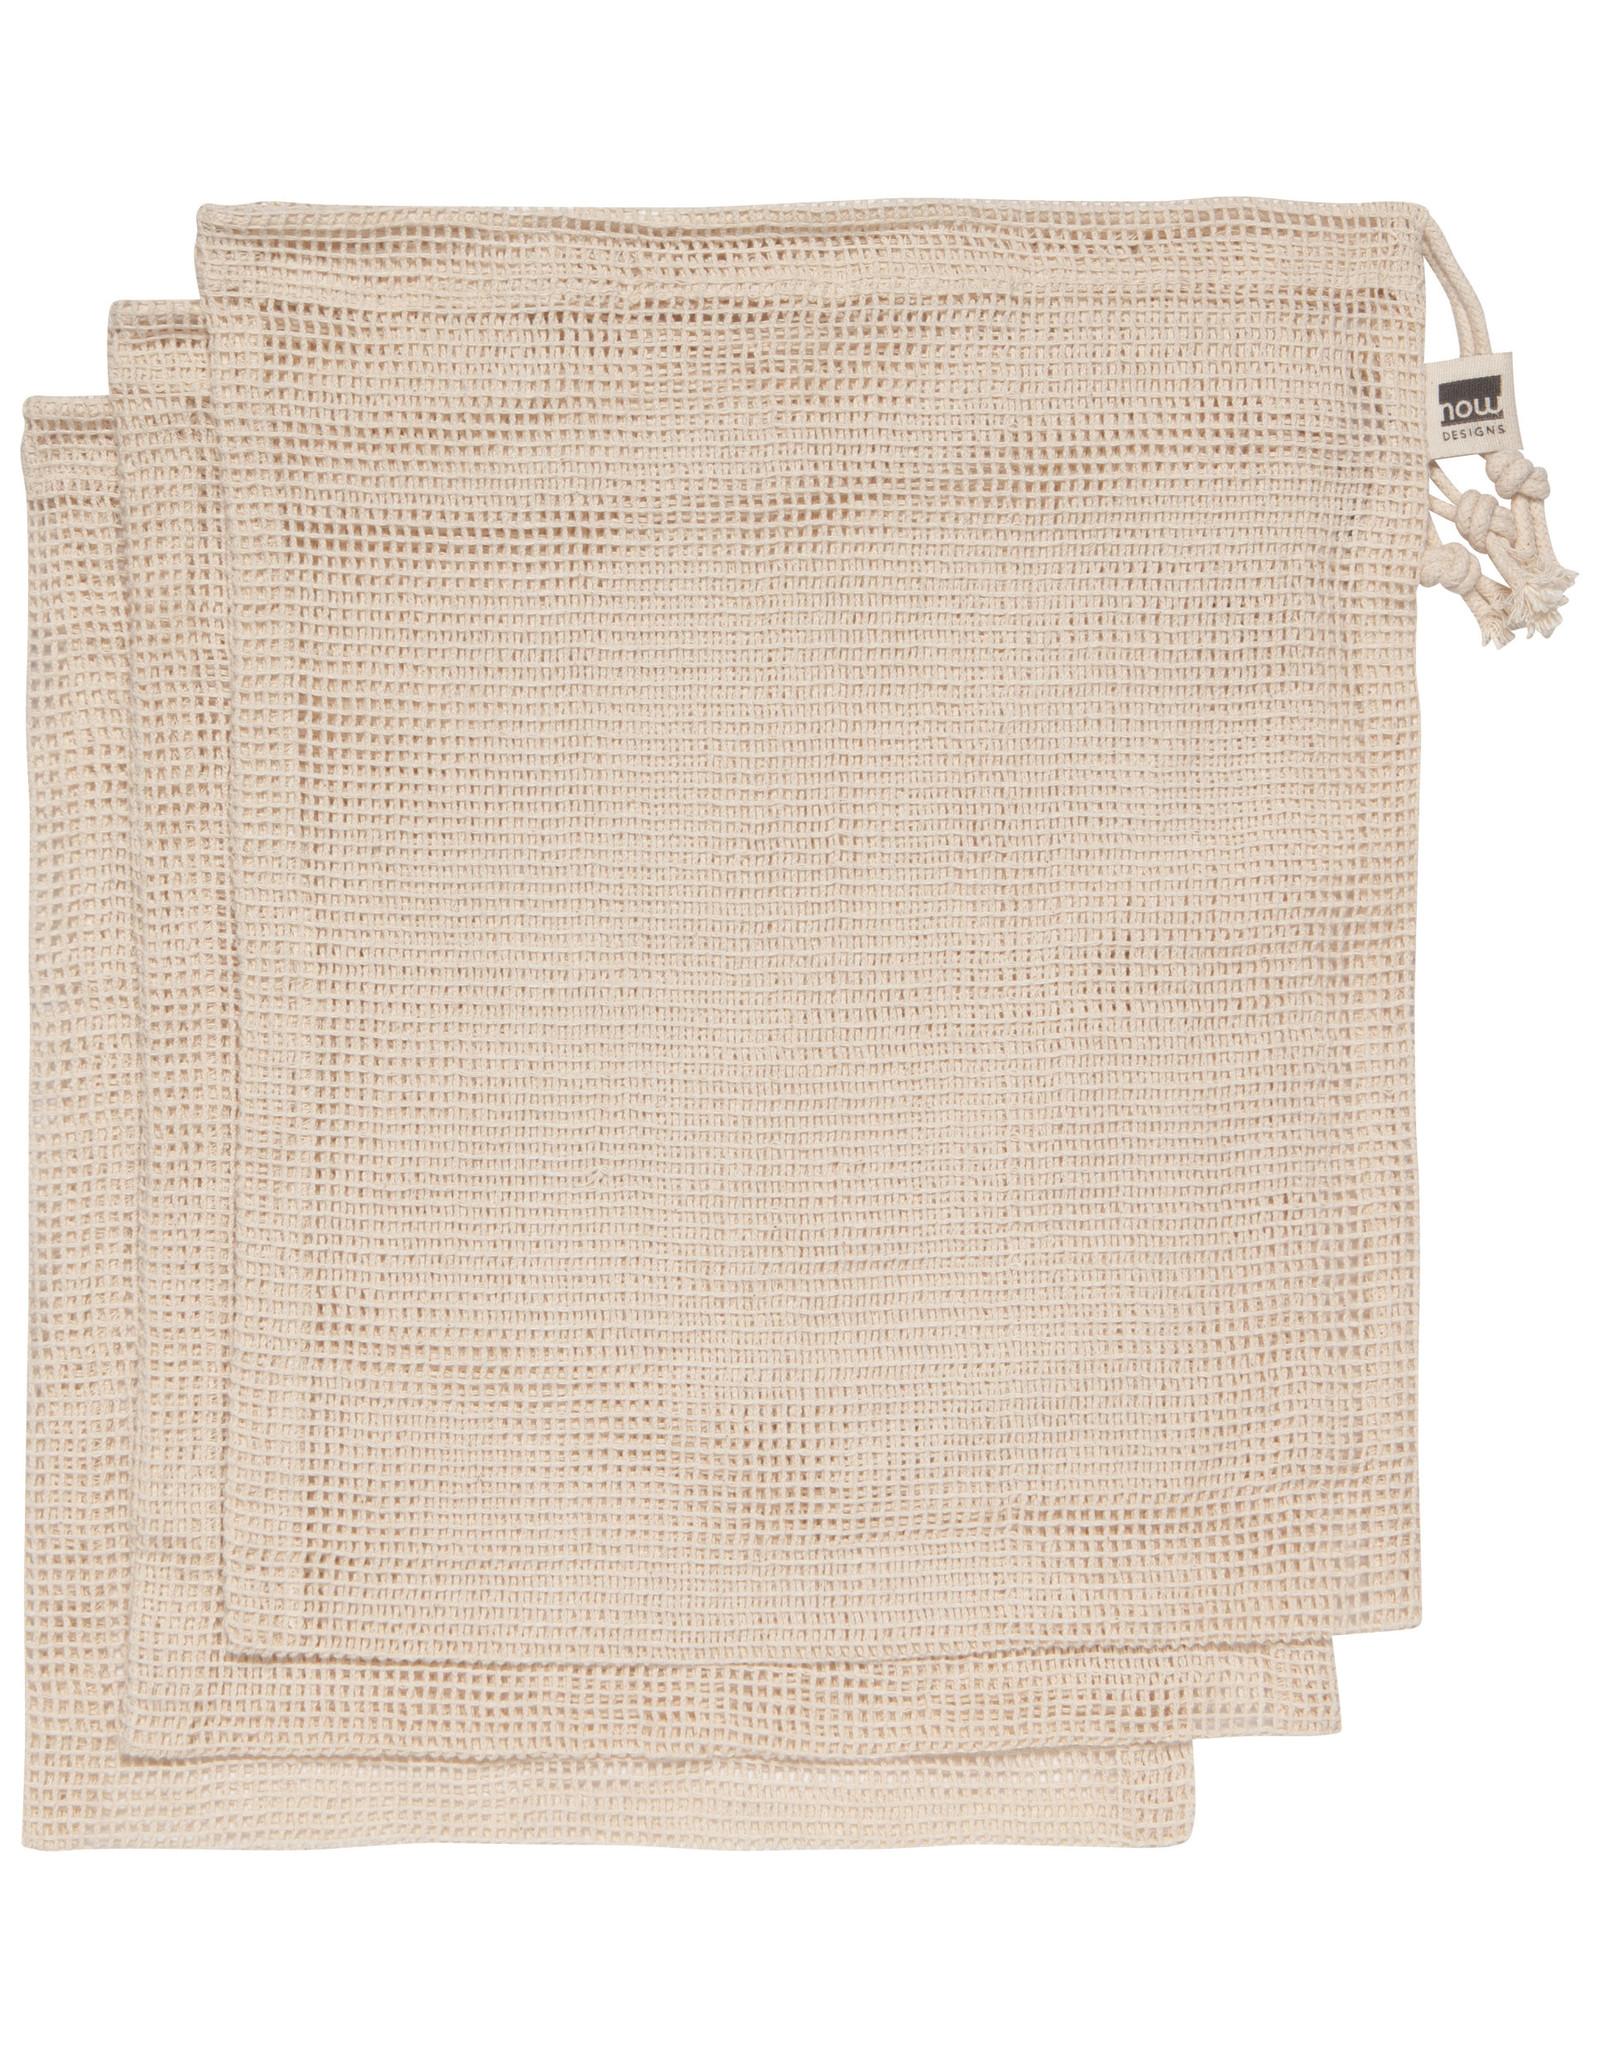 Danica - Le Marche Produce Bag  Set of 3